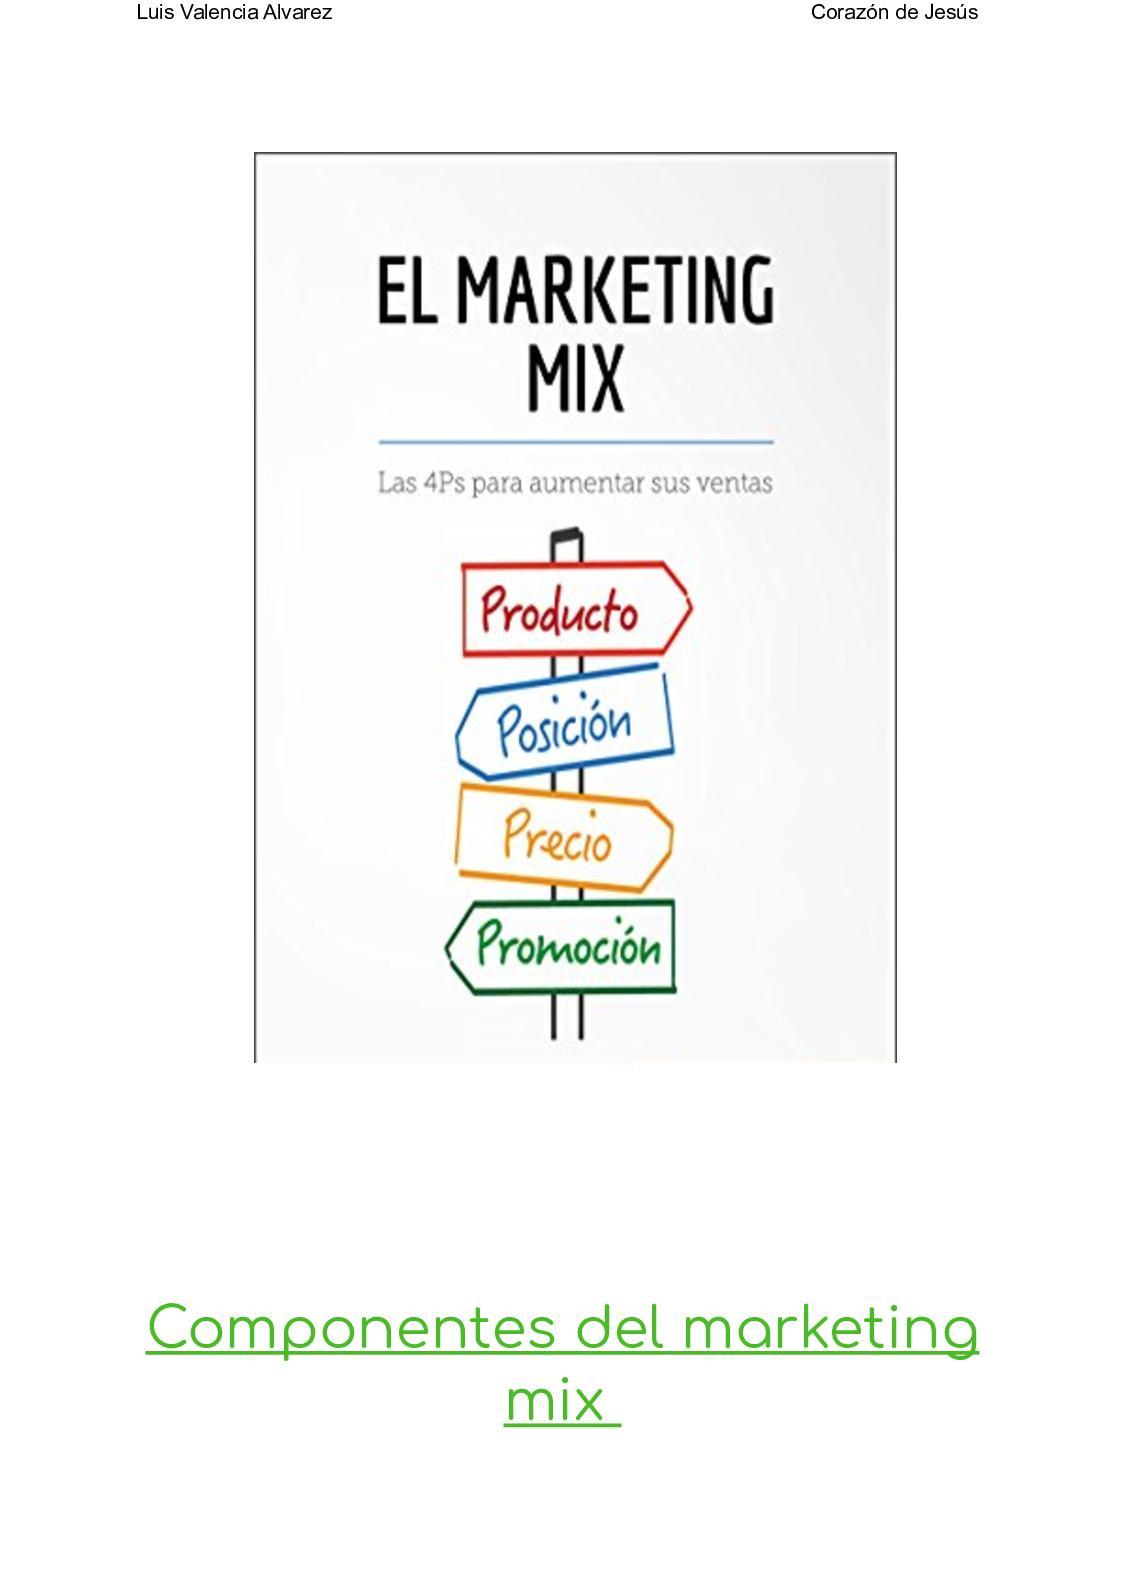 Calaméo Componentes Del Marketing Mix